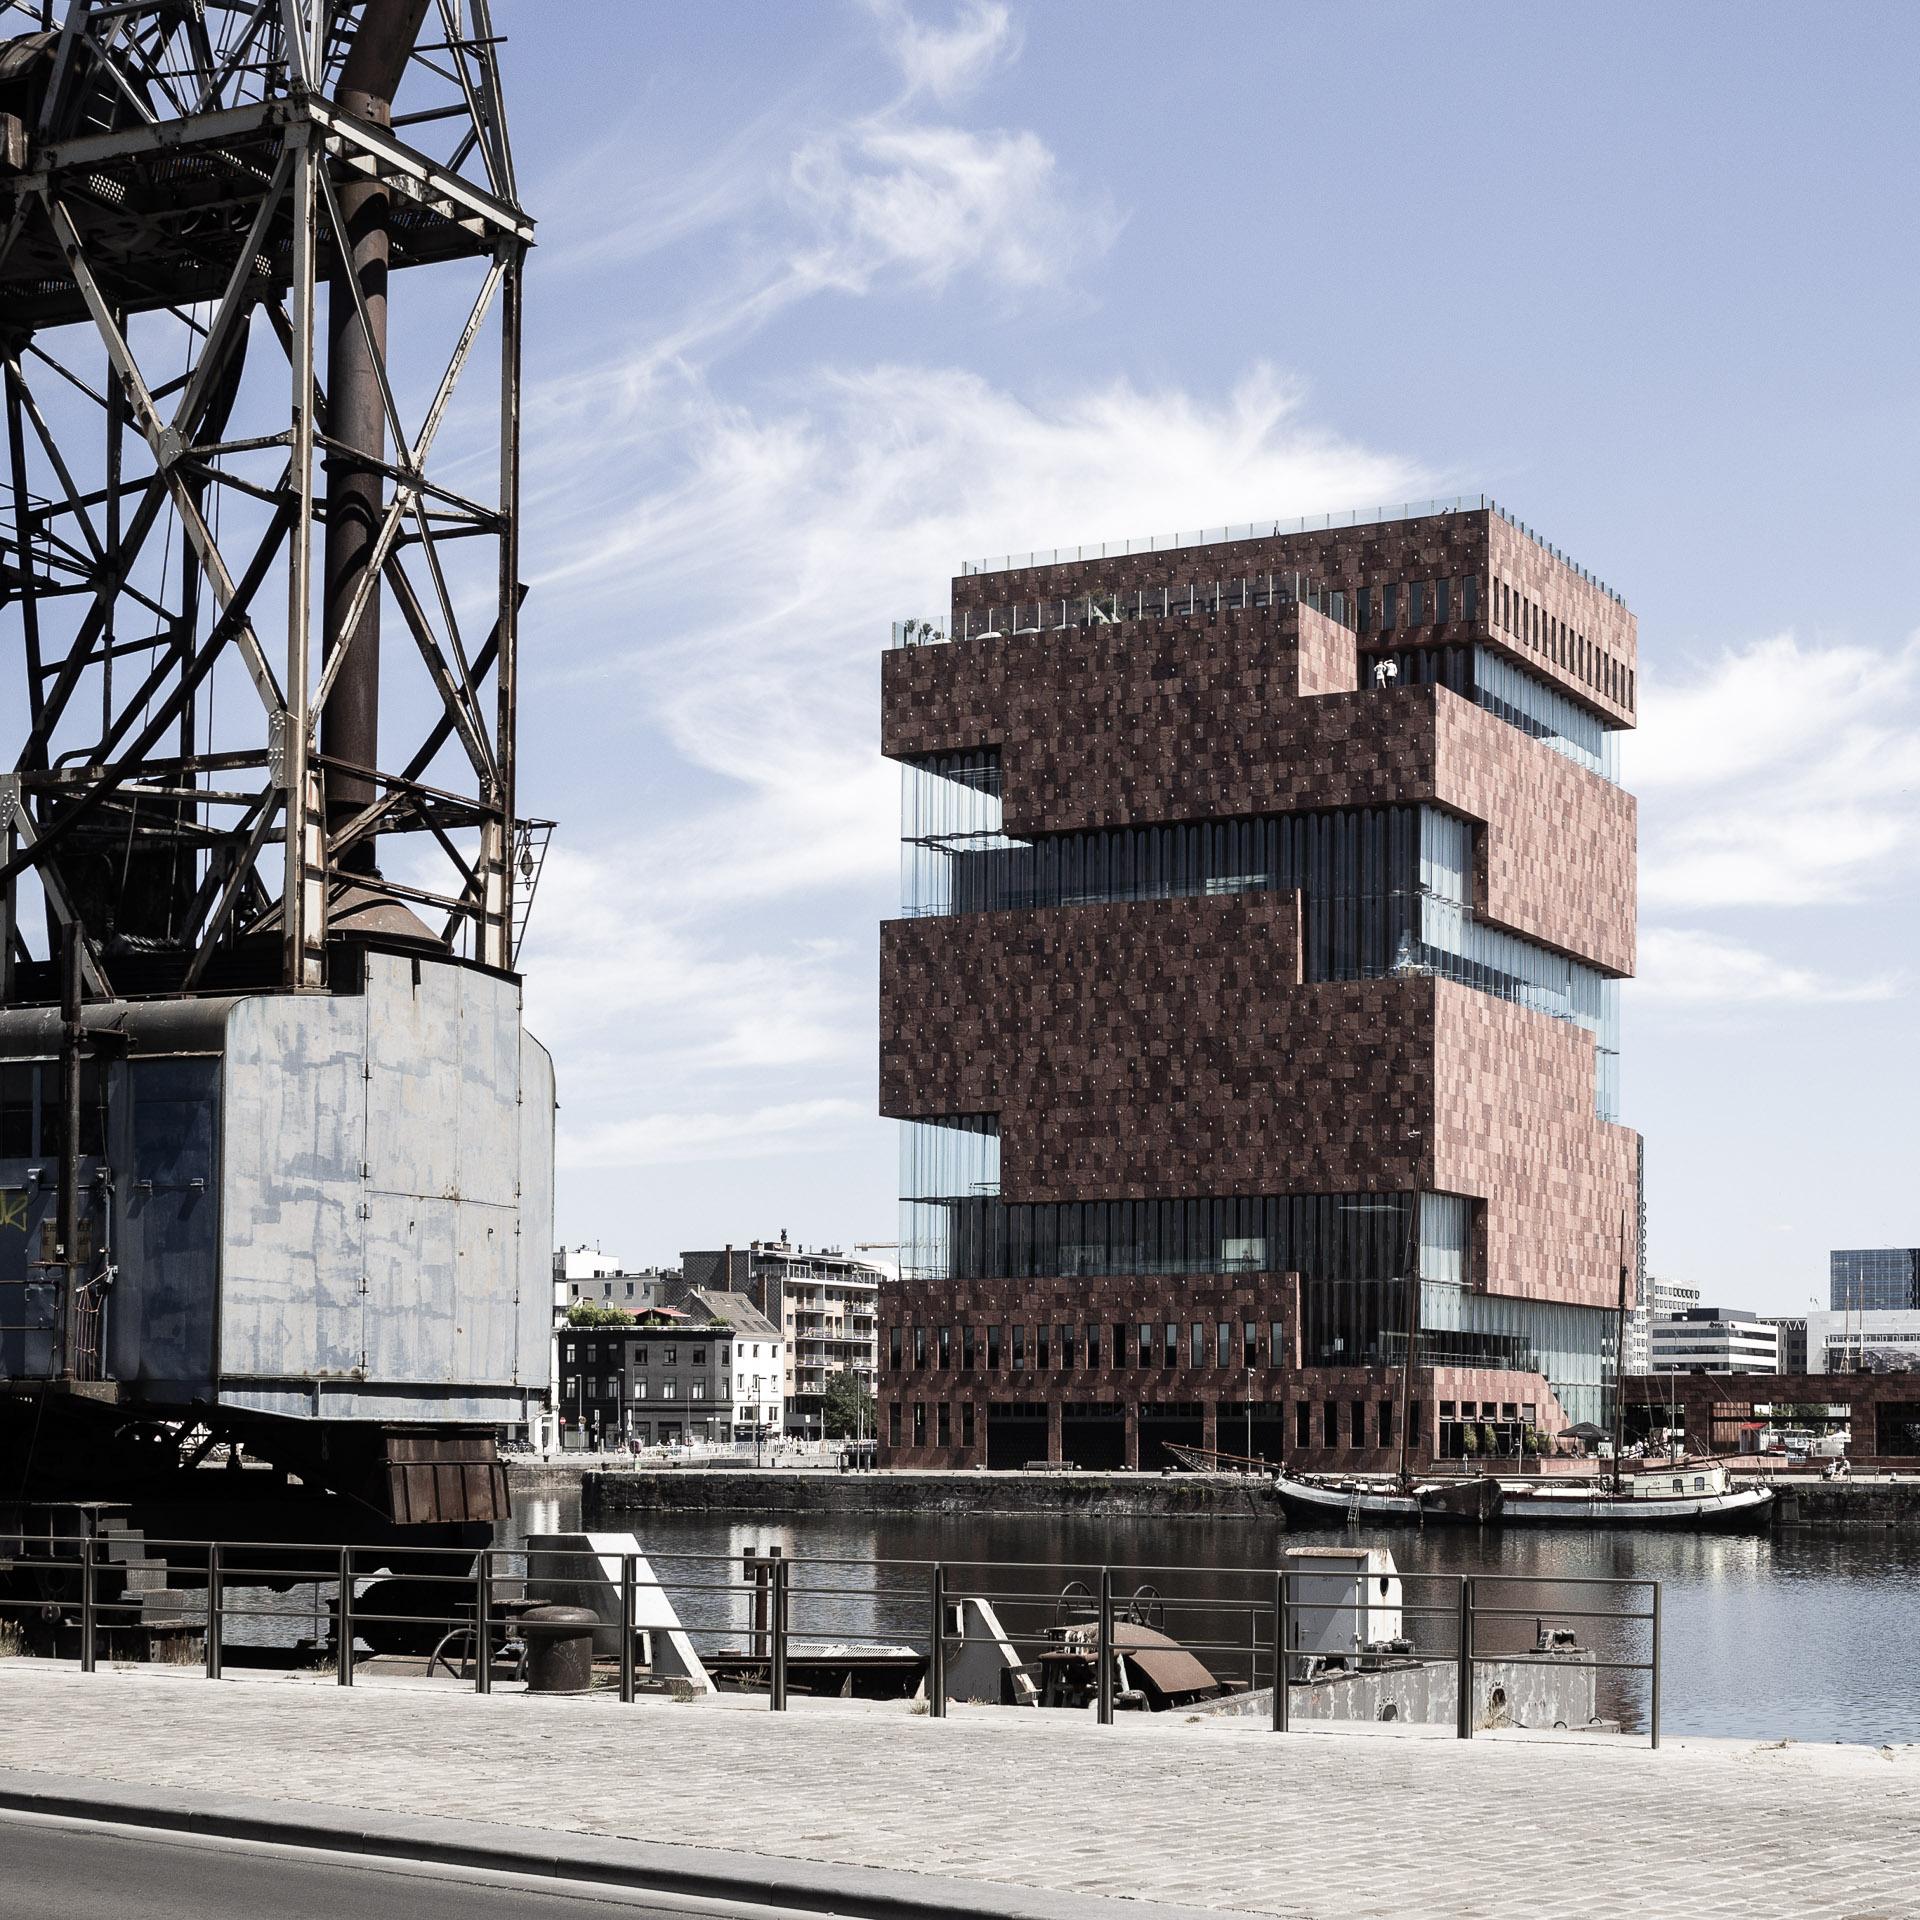 Architekturfotografie - Altes und Modernes im Hafen von Antwerpen